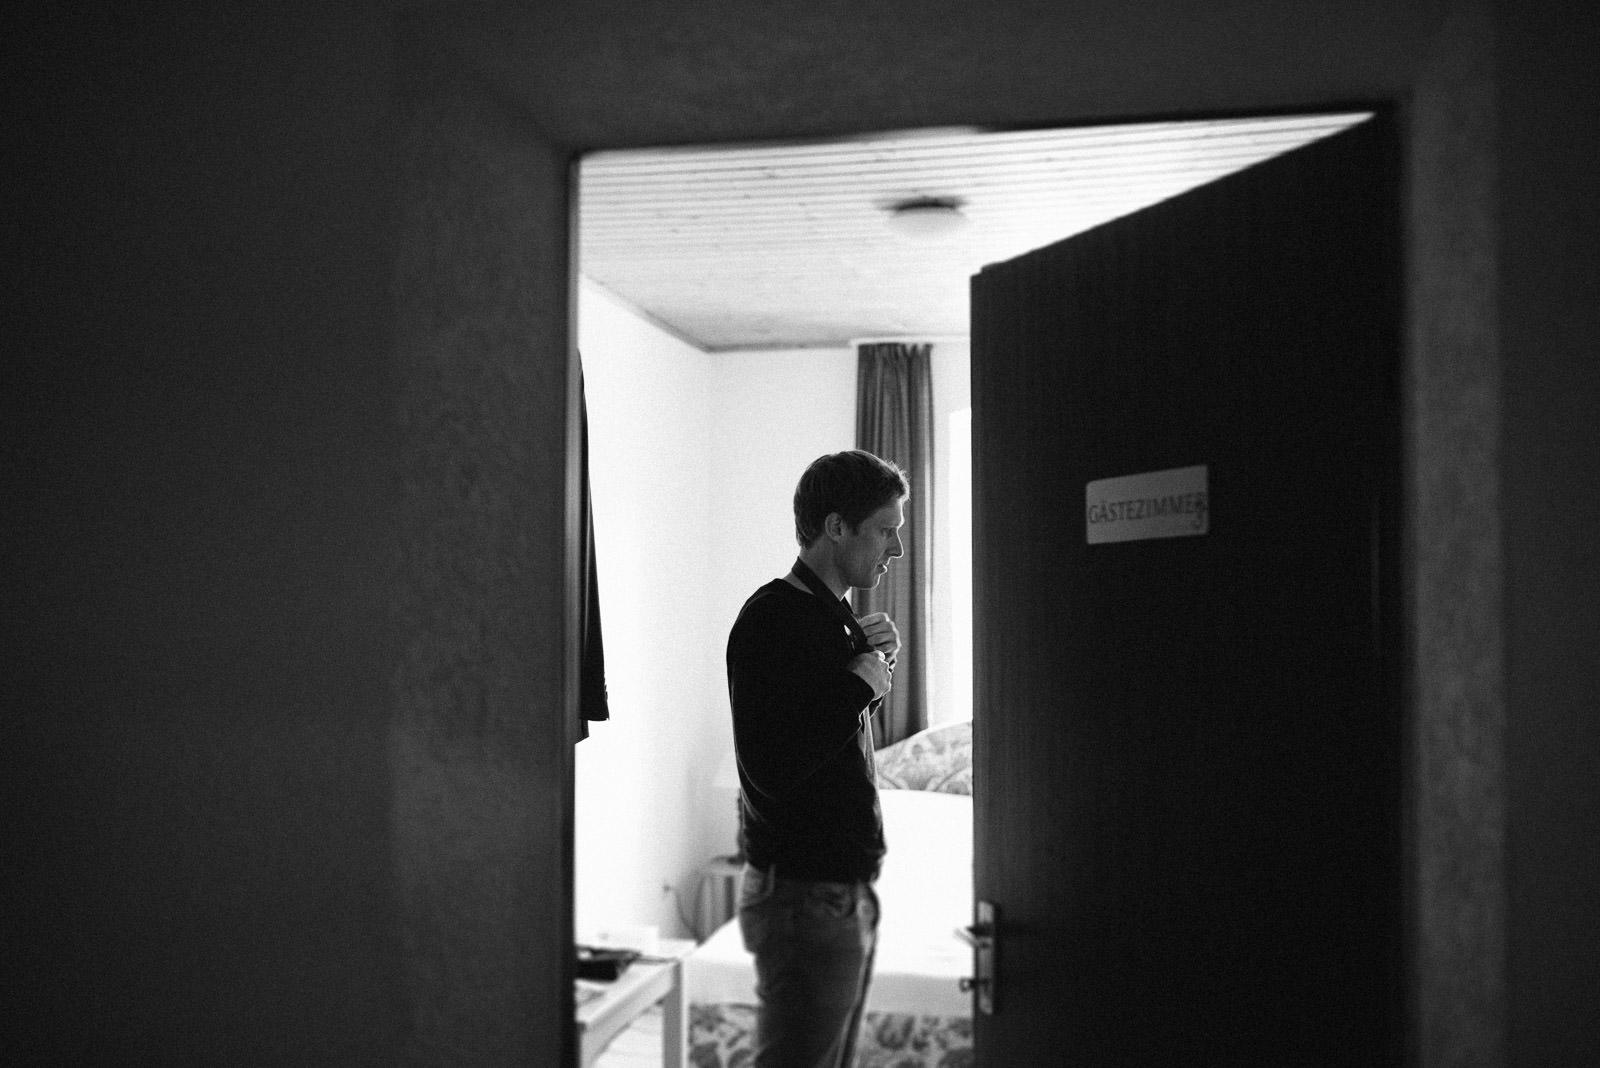 hochzeit-wasserschloss-unsleben-hochzeitsfotograf-026